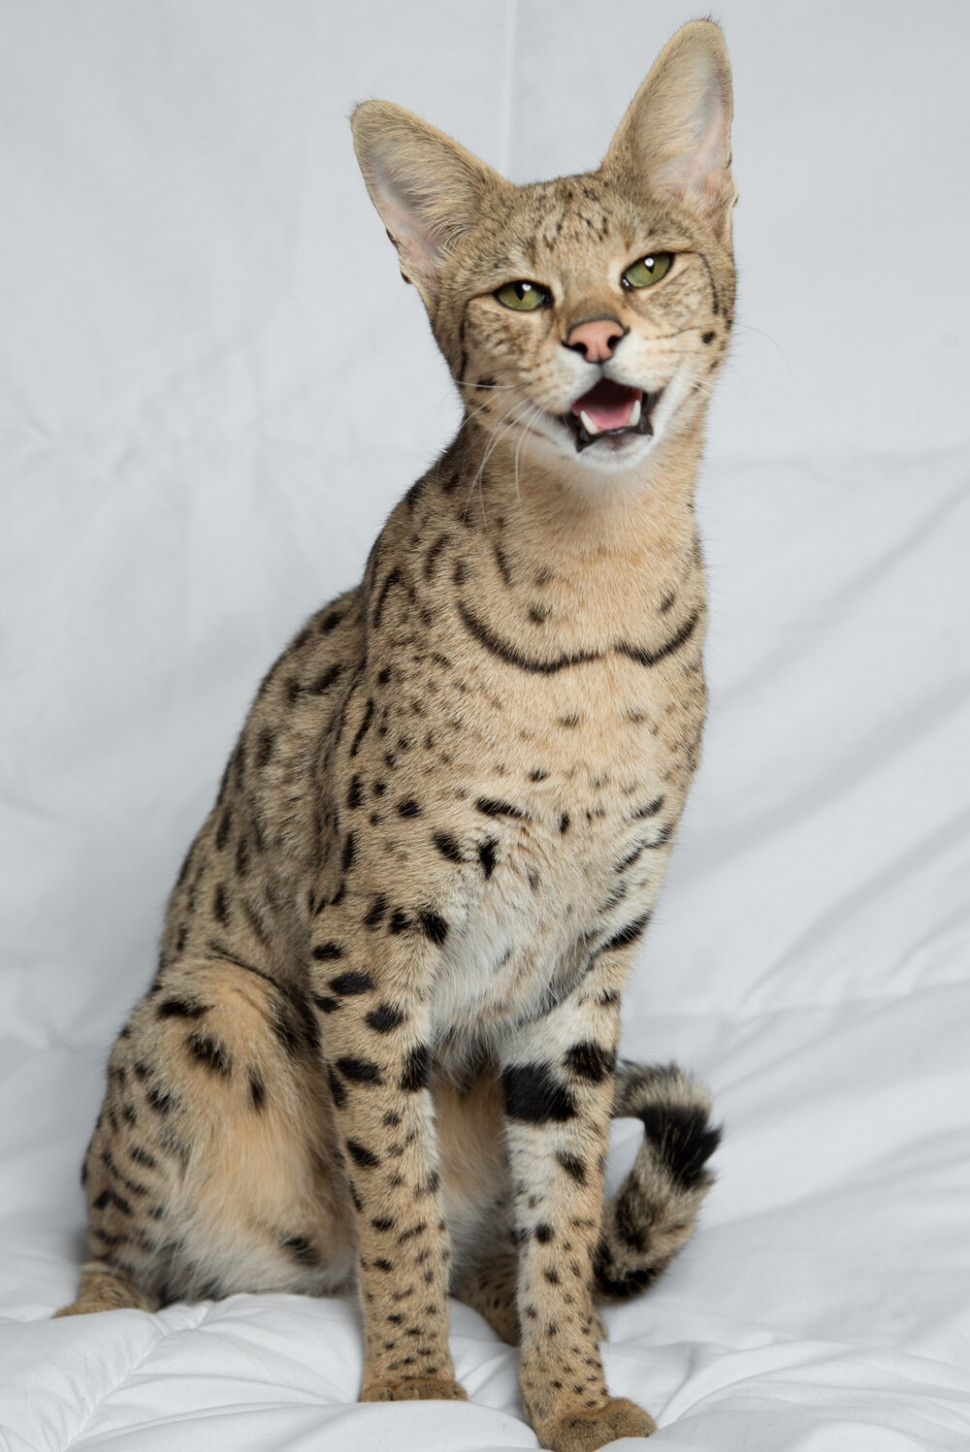 11 Cute A1 Savannah Cat Price In 2020 Savannah Cat Price Savannah Cat Hybrid Cat